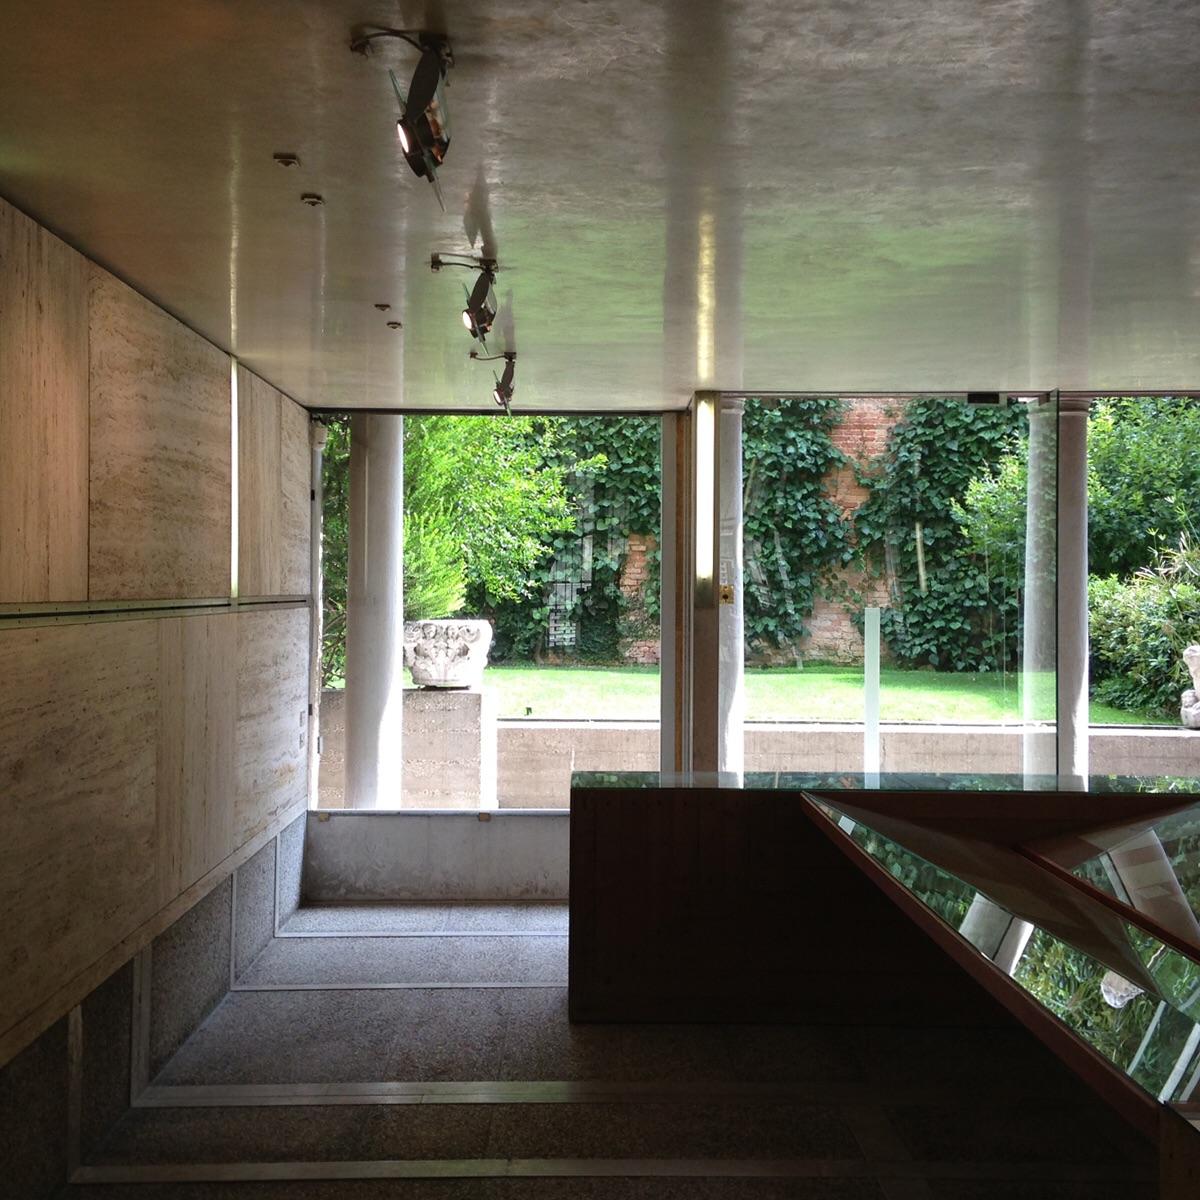 Looking at the inner courtyard. The Fondazione Querini Stampalia, Venezia ( Scarpa 1969)